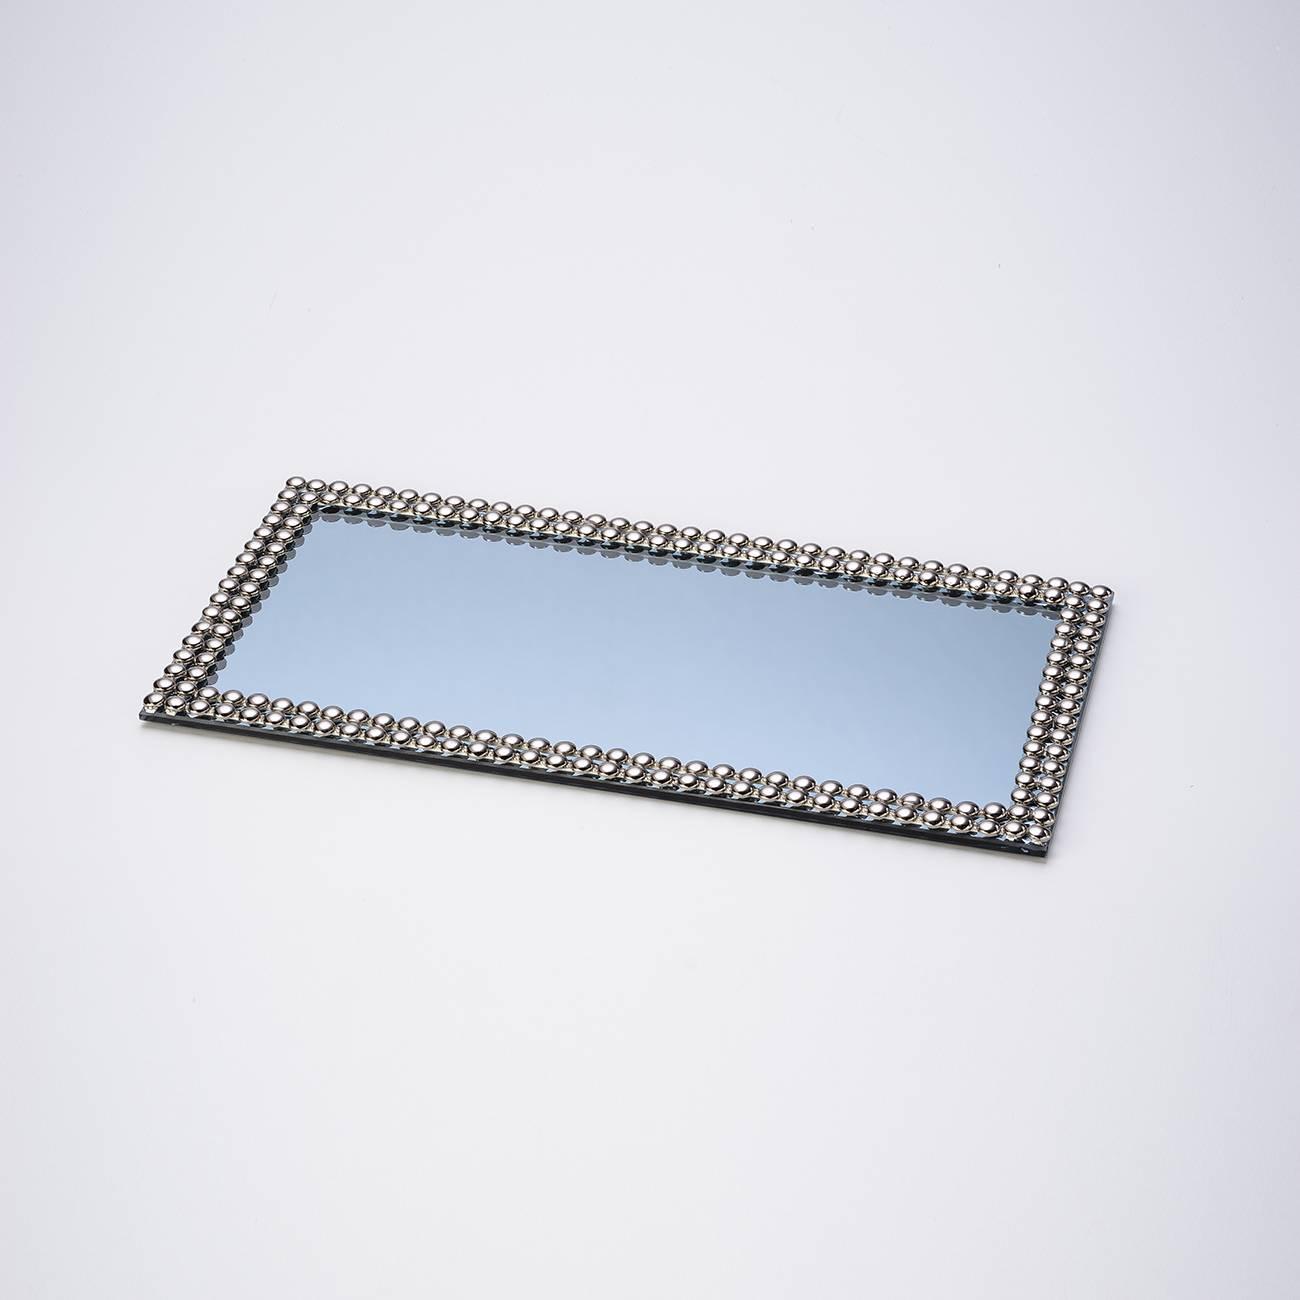 Bandeja Multiuso Espelhado Fumê com Acabamento em Acrílico - Prestige - 32x16 cm